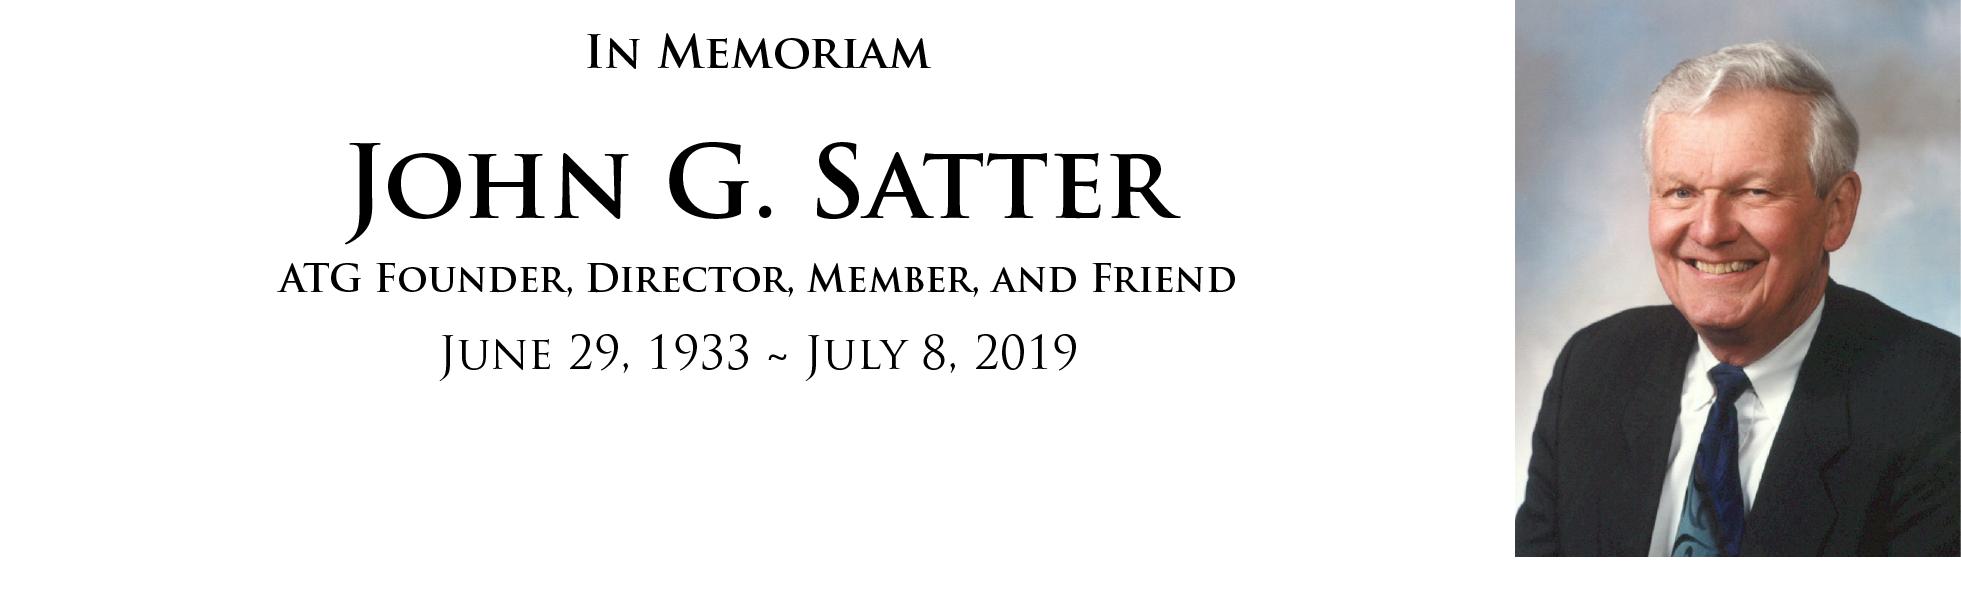 Satter memoriam banner